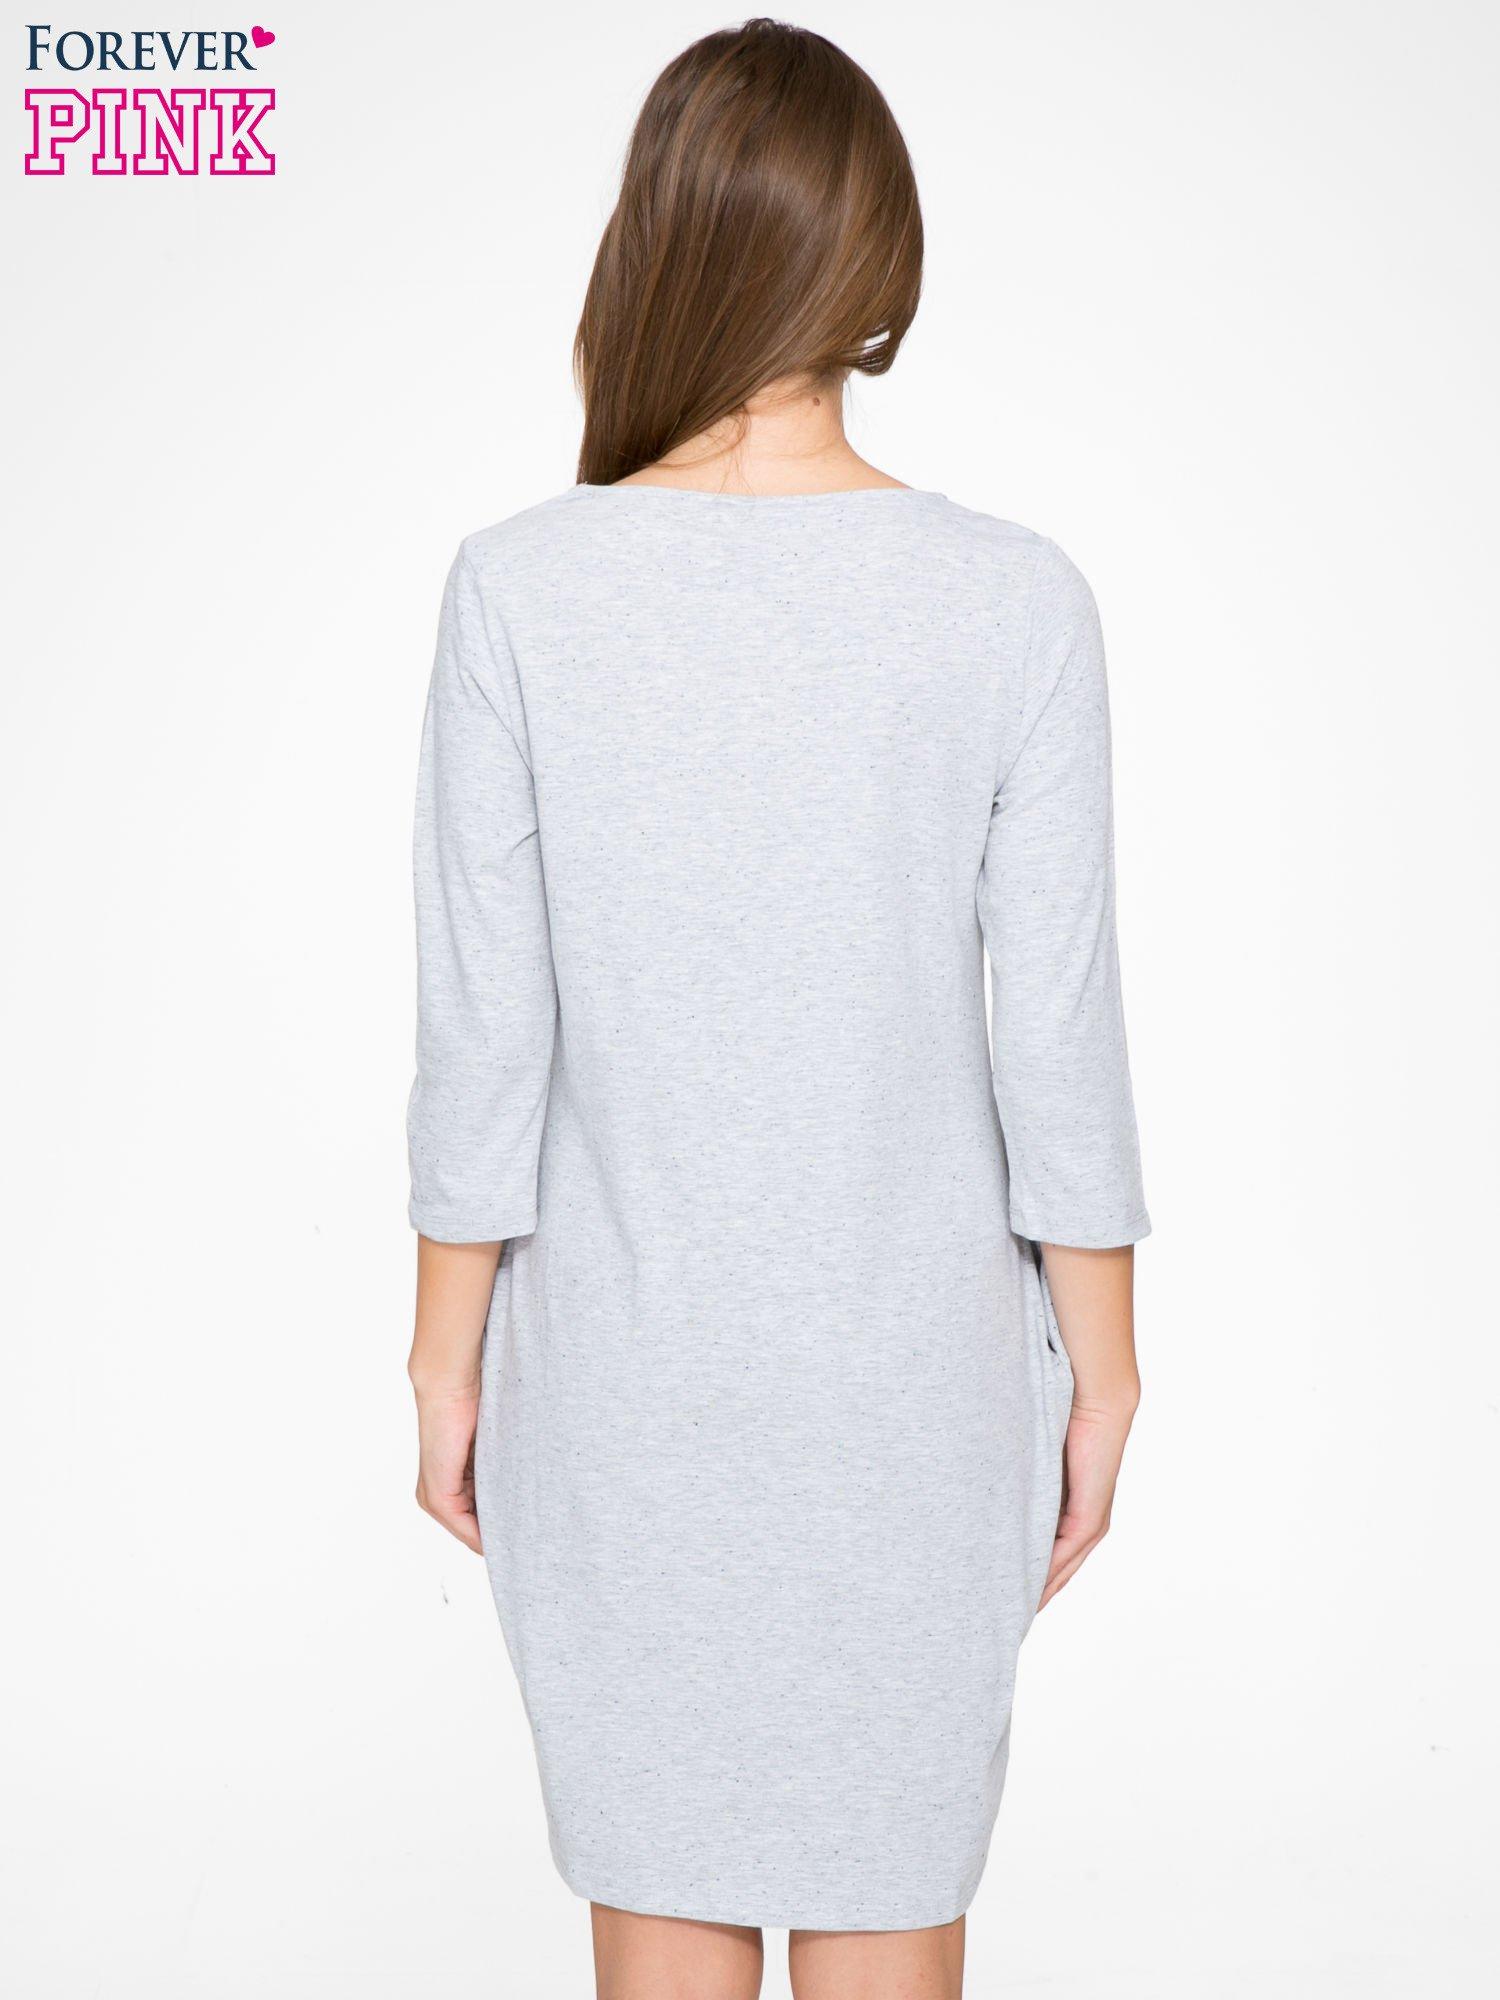 Jasnoszara dresowa sukienka z kieszeniami po bokach                                  zdj.                                  4